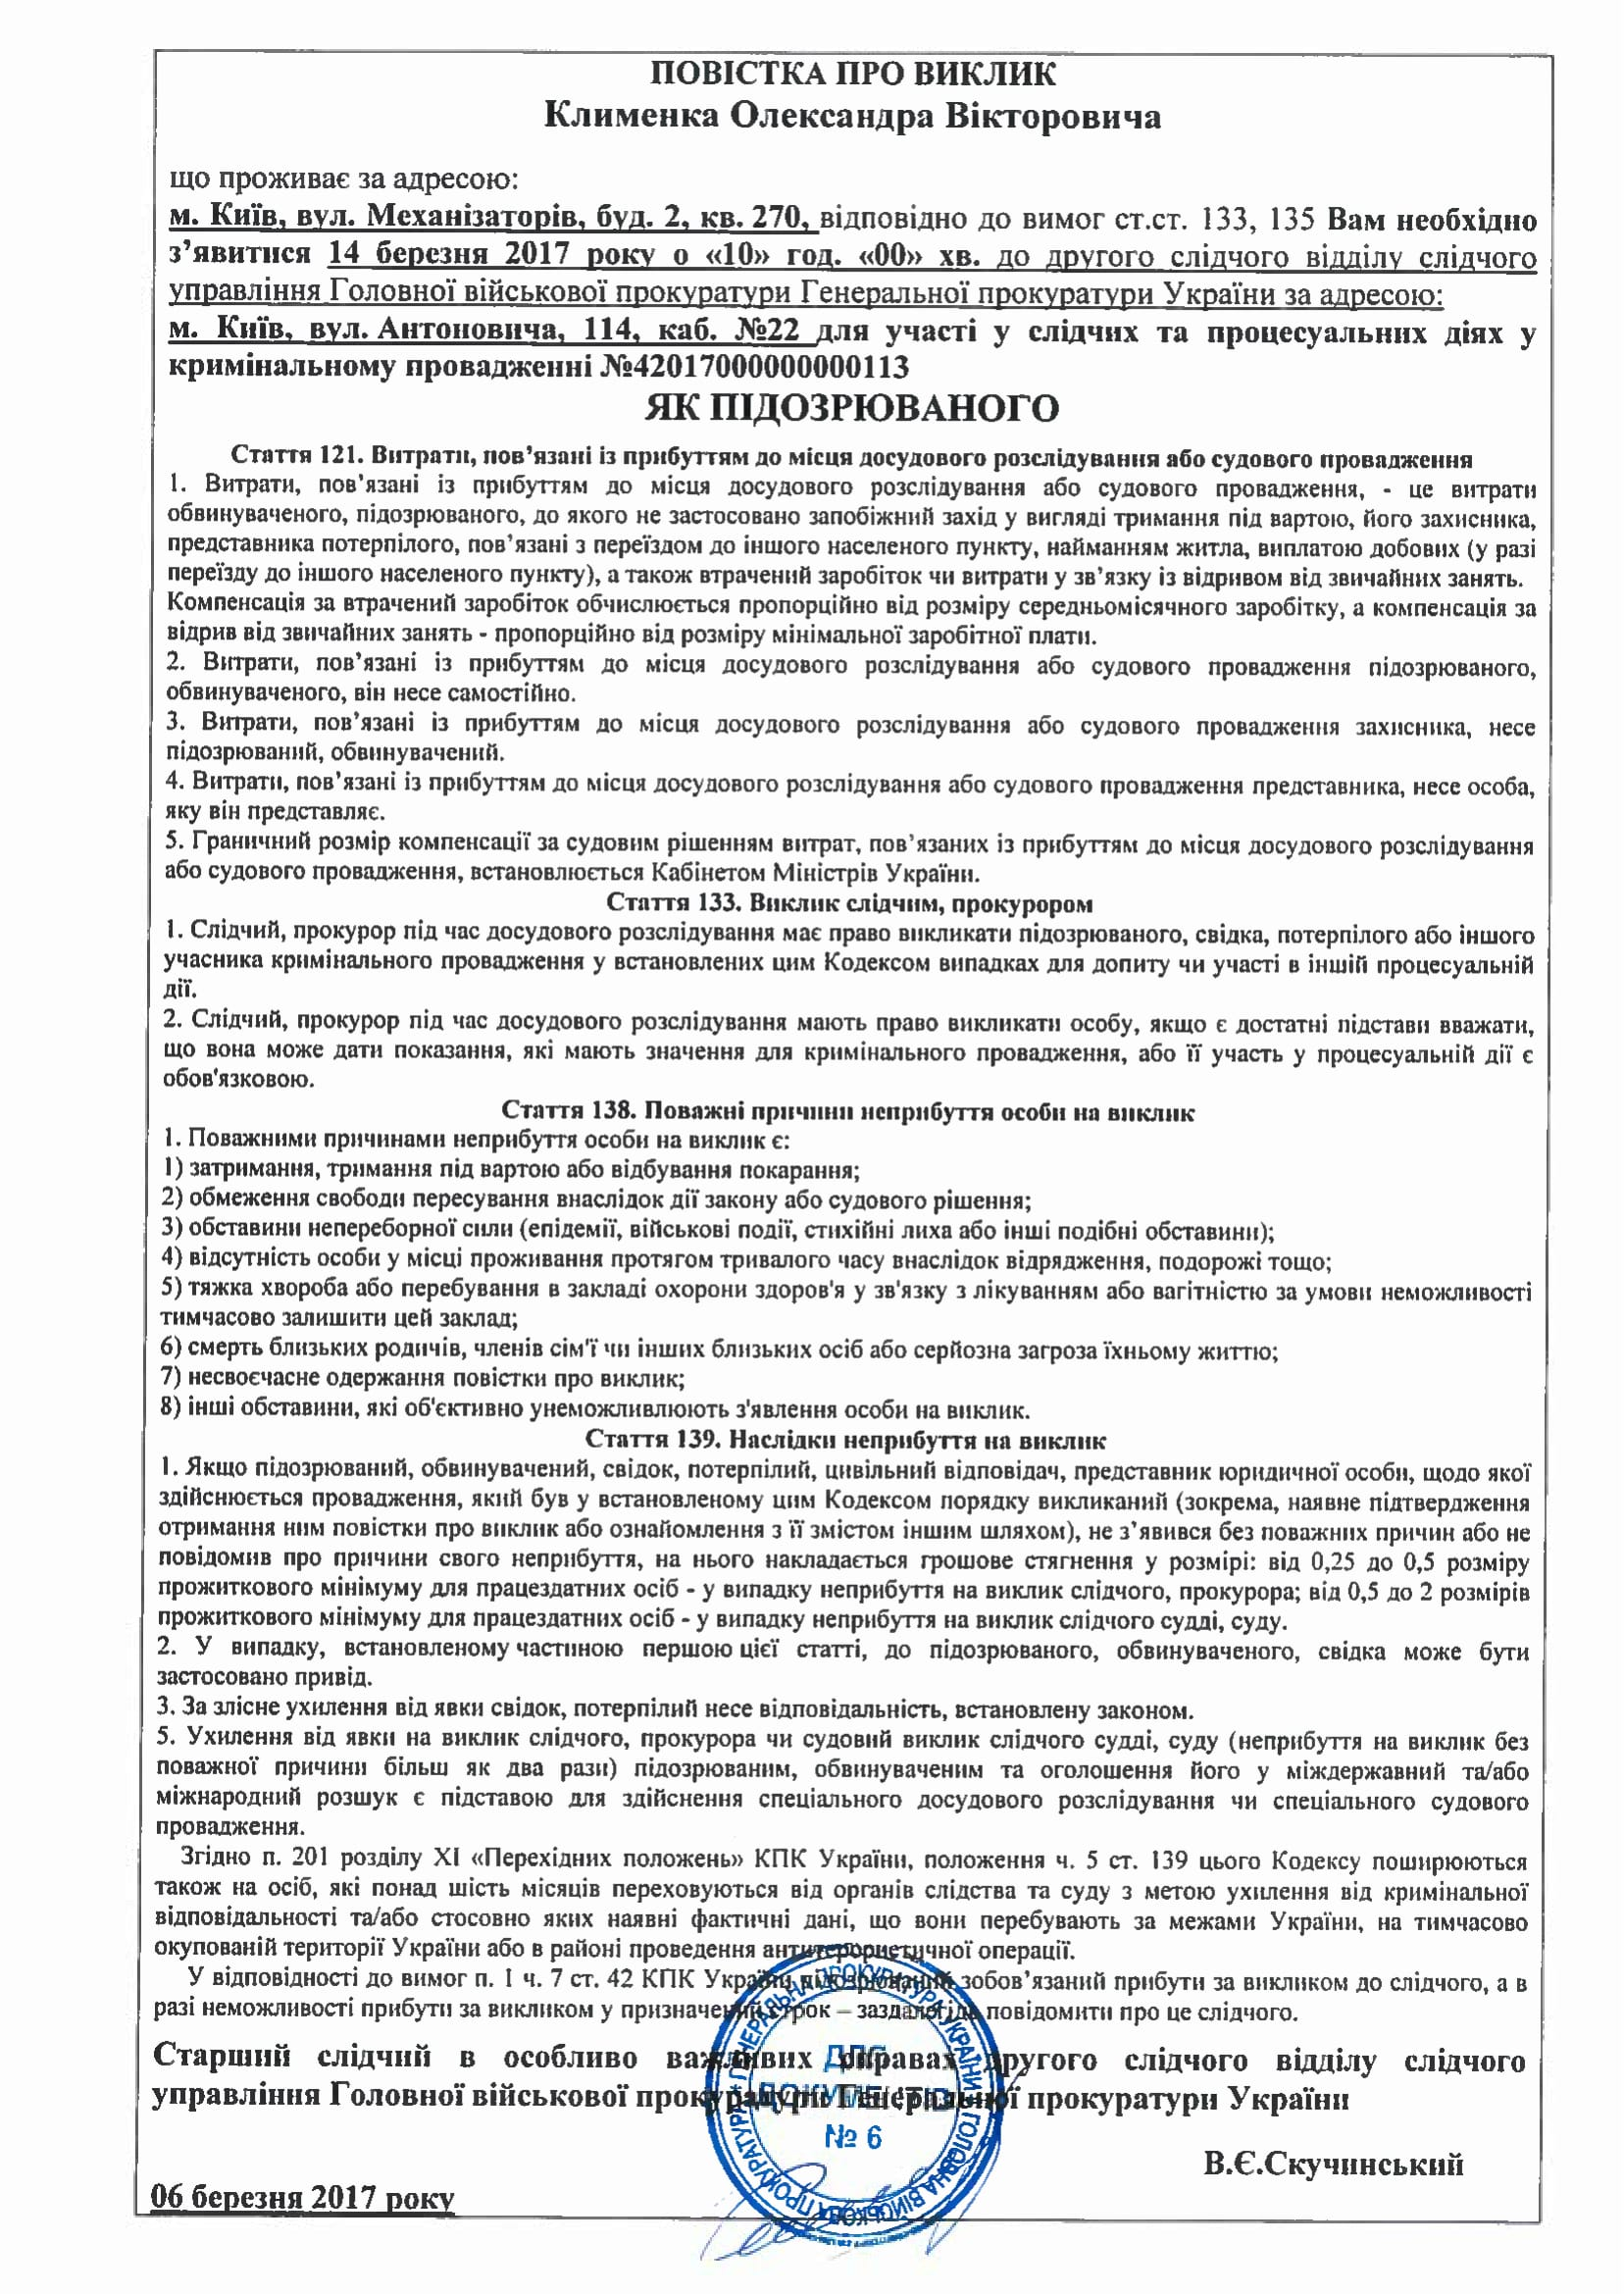 Беглого экс-министра Клименко снова вызывают в прокуратуру